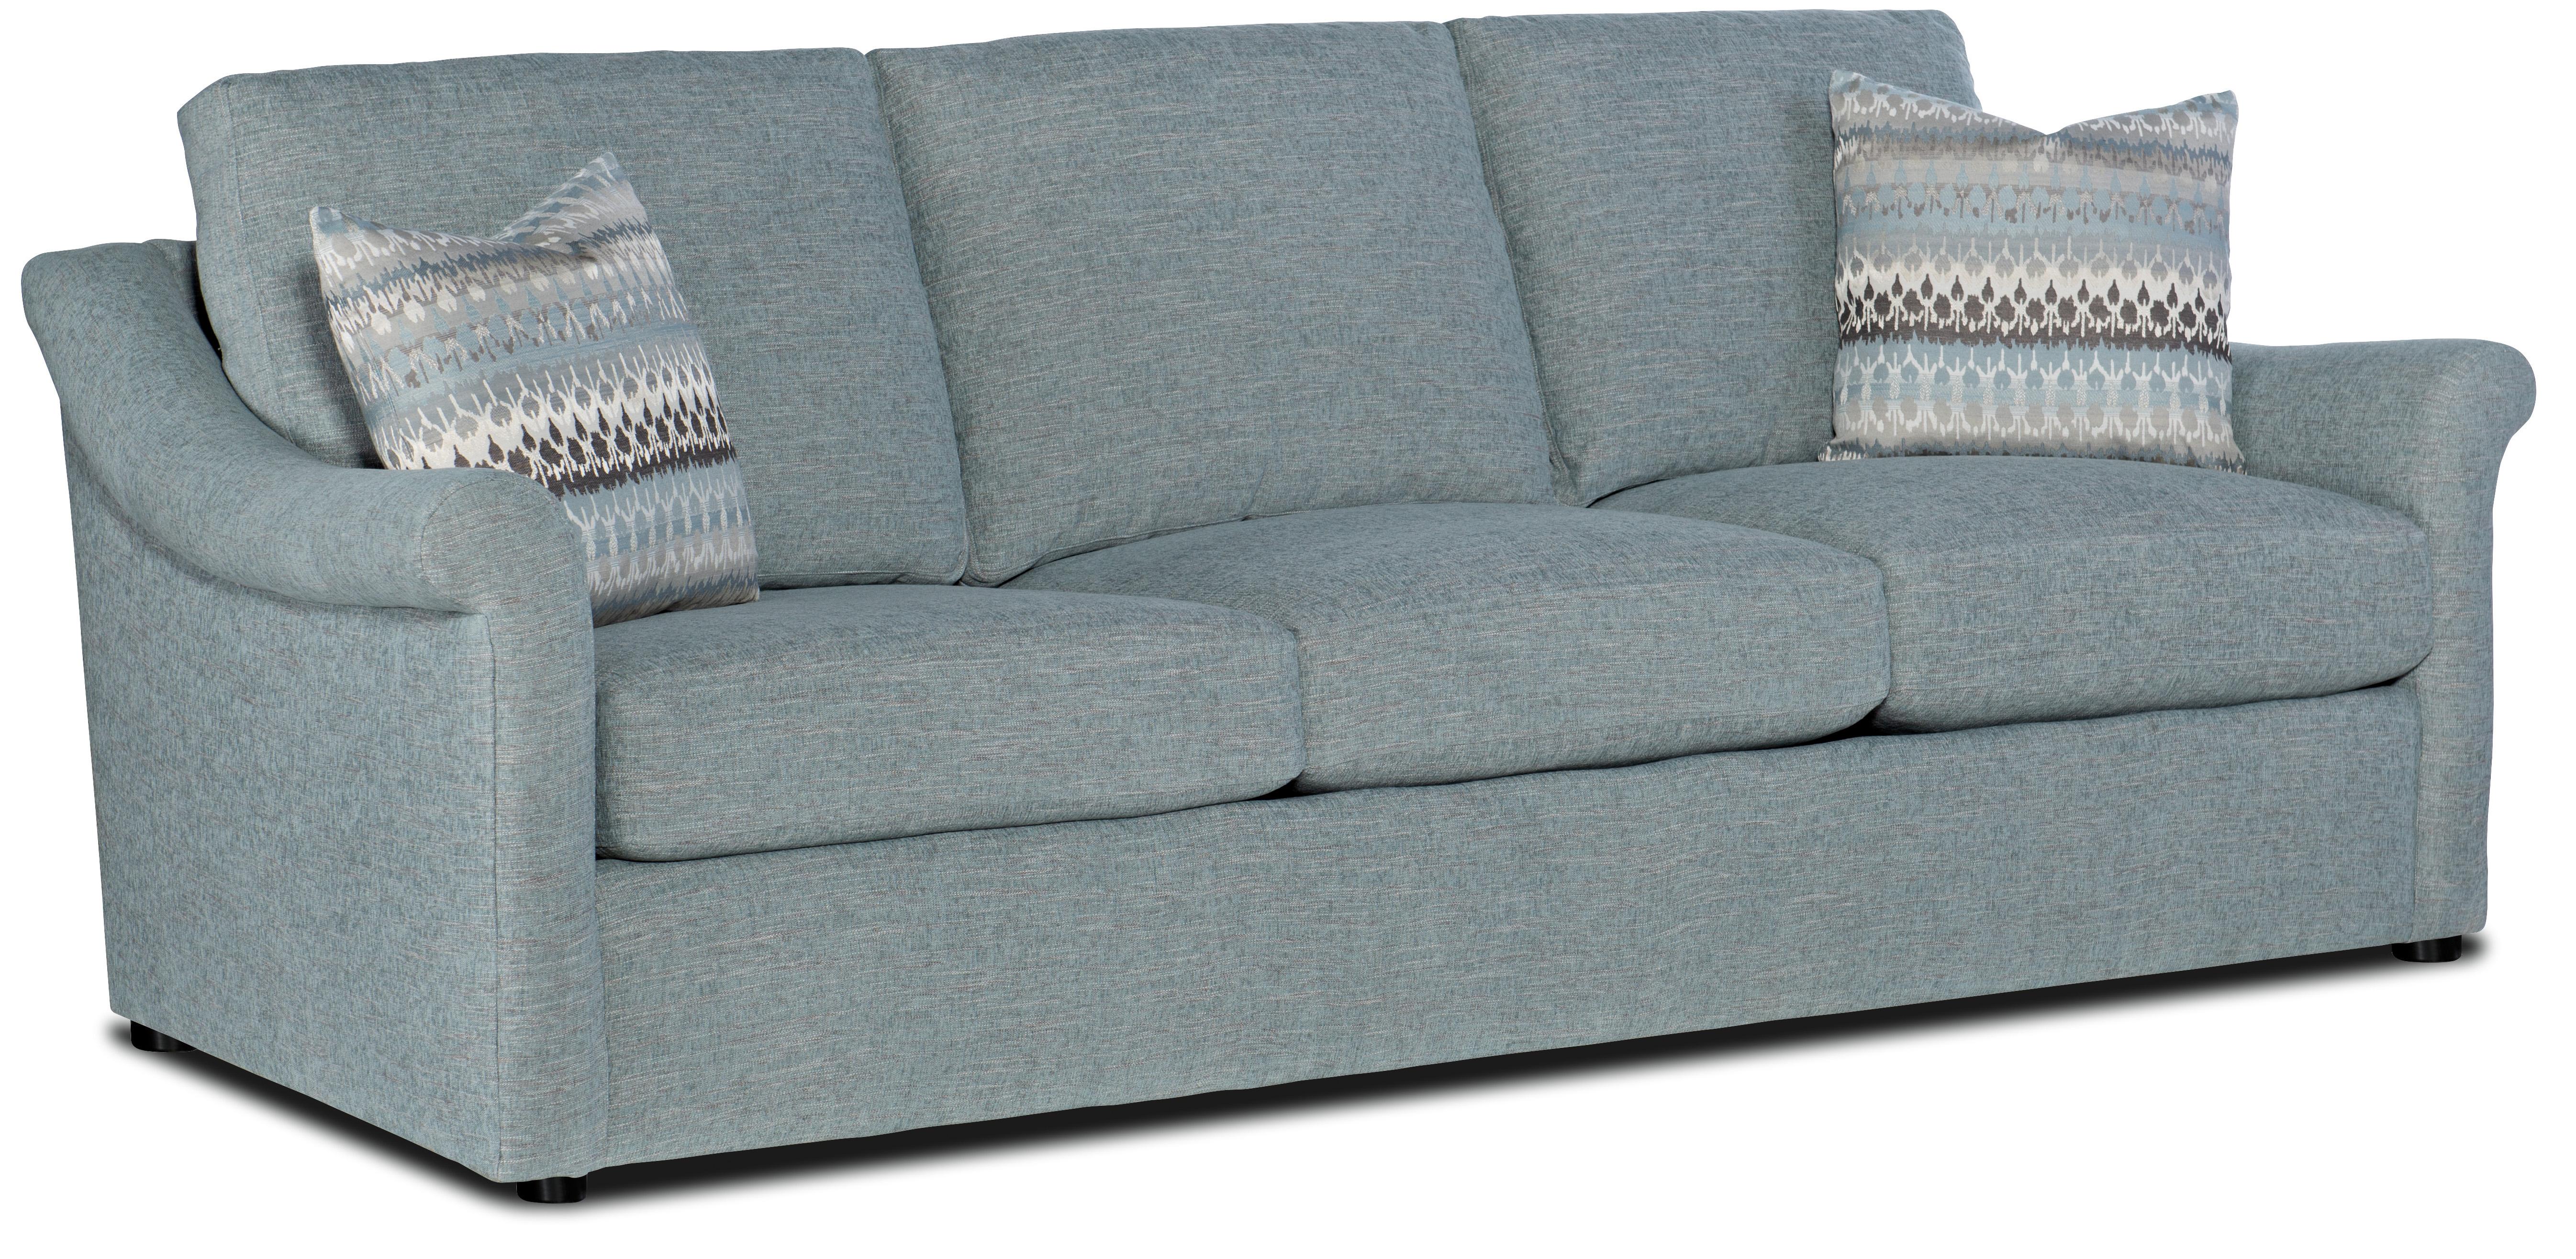 Danae 3/3 Sofa by Sam Moore at Belfort Furniture